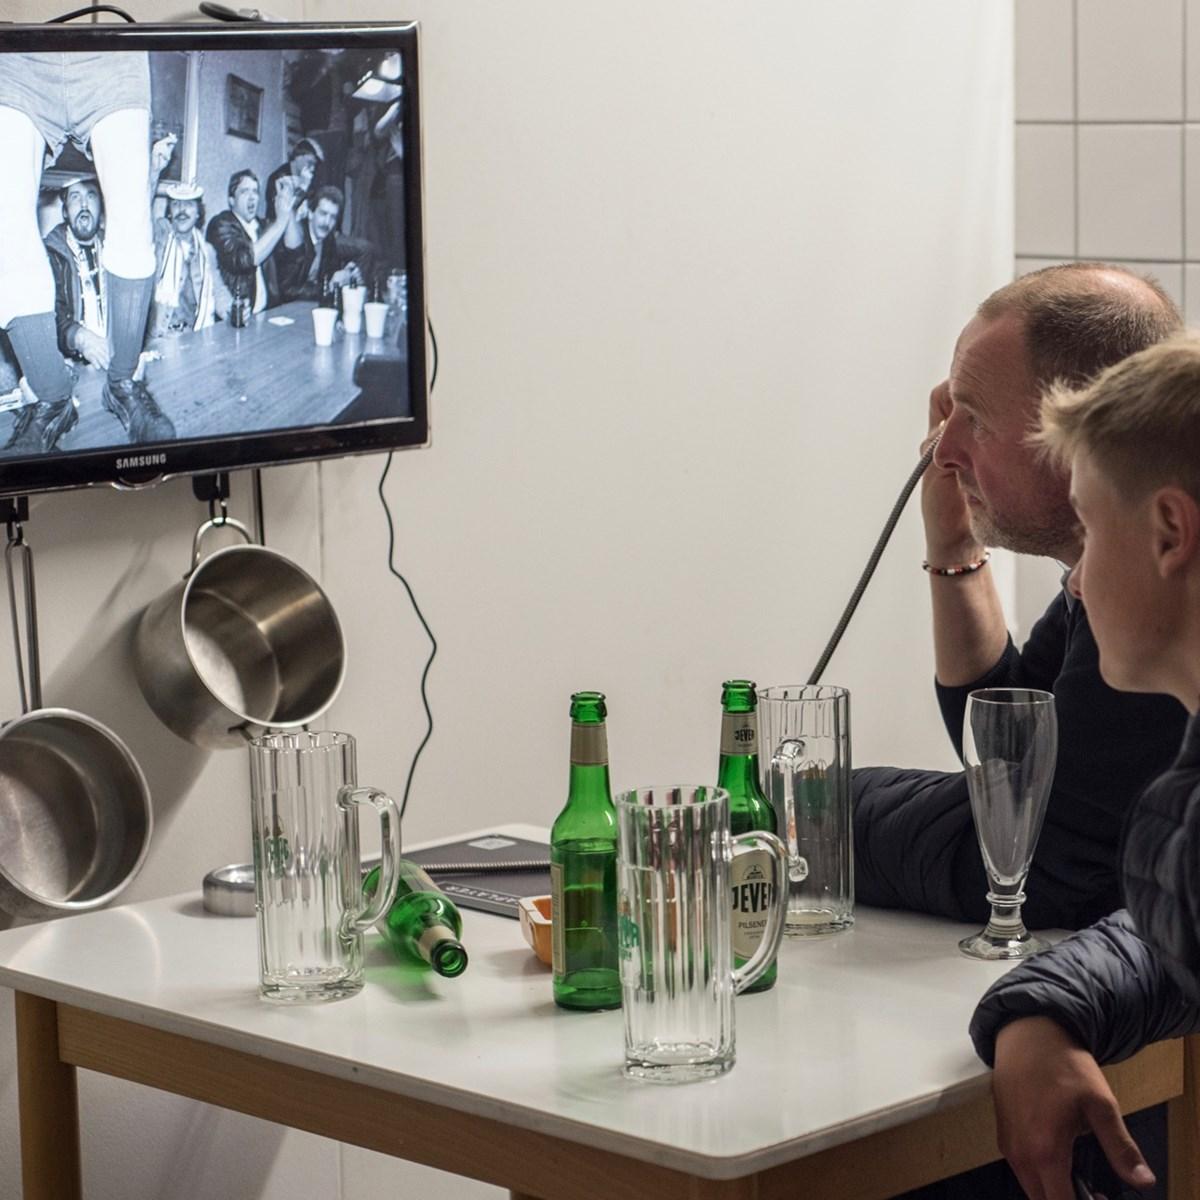 Über 1.200 Besucher*innen staunten bei der Langen Nacht der Museen 2019 über das KIEZBEBEN. Auch 2020 (am 25. April) ist das FC St. Pauli-Museum wieder dabei!